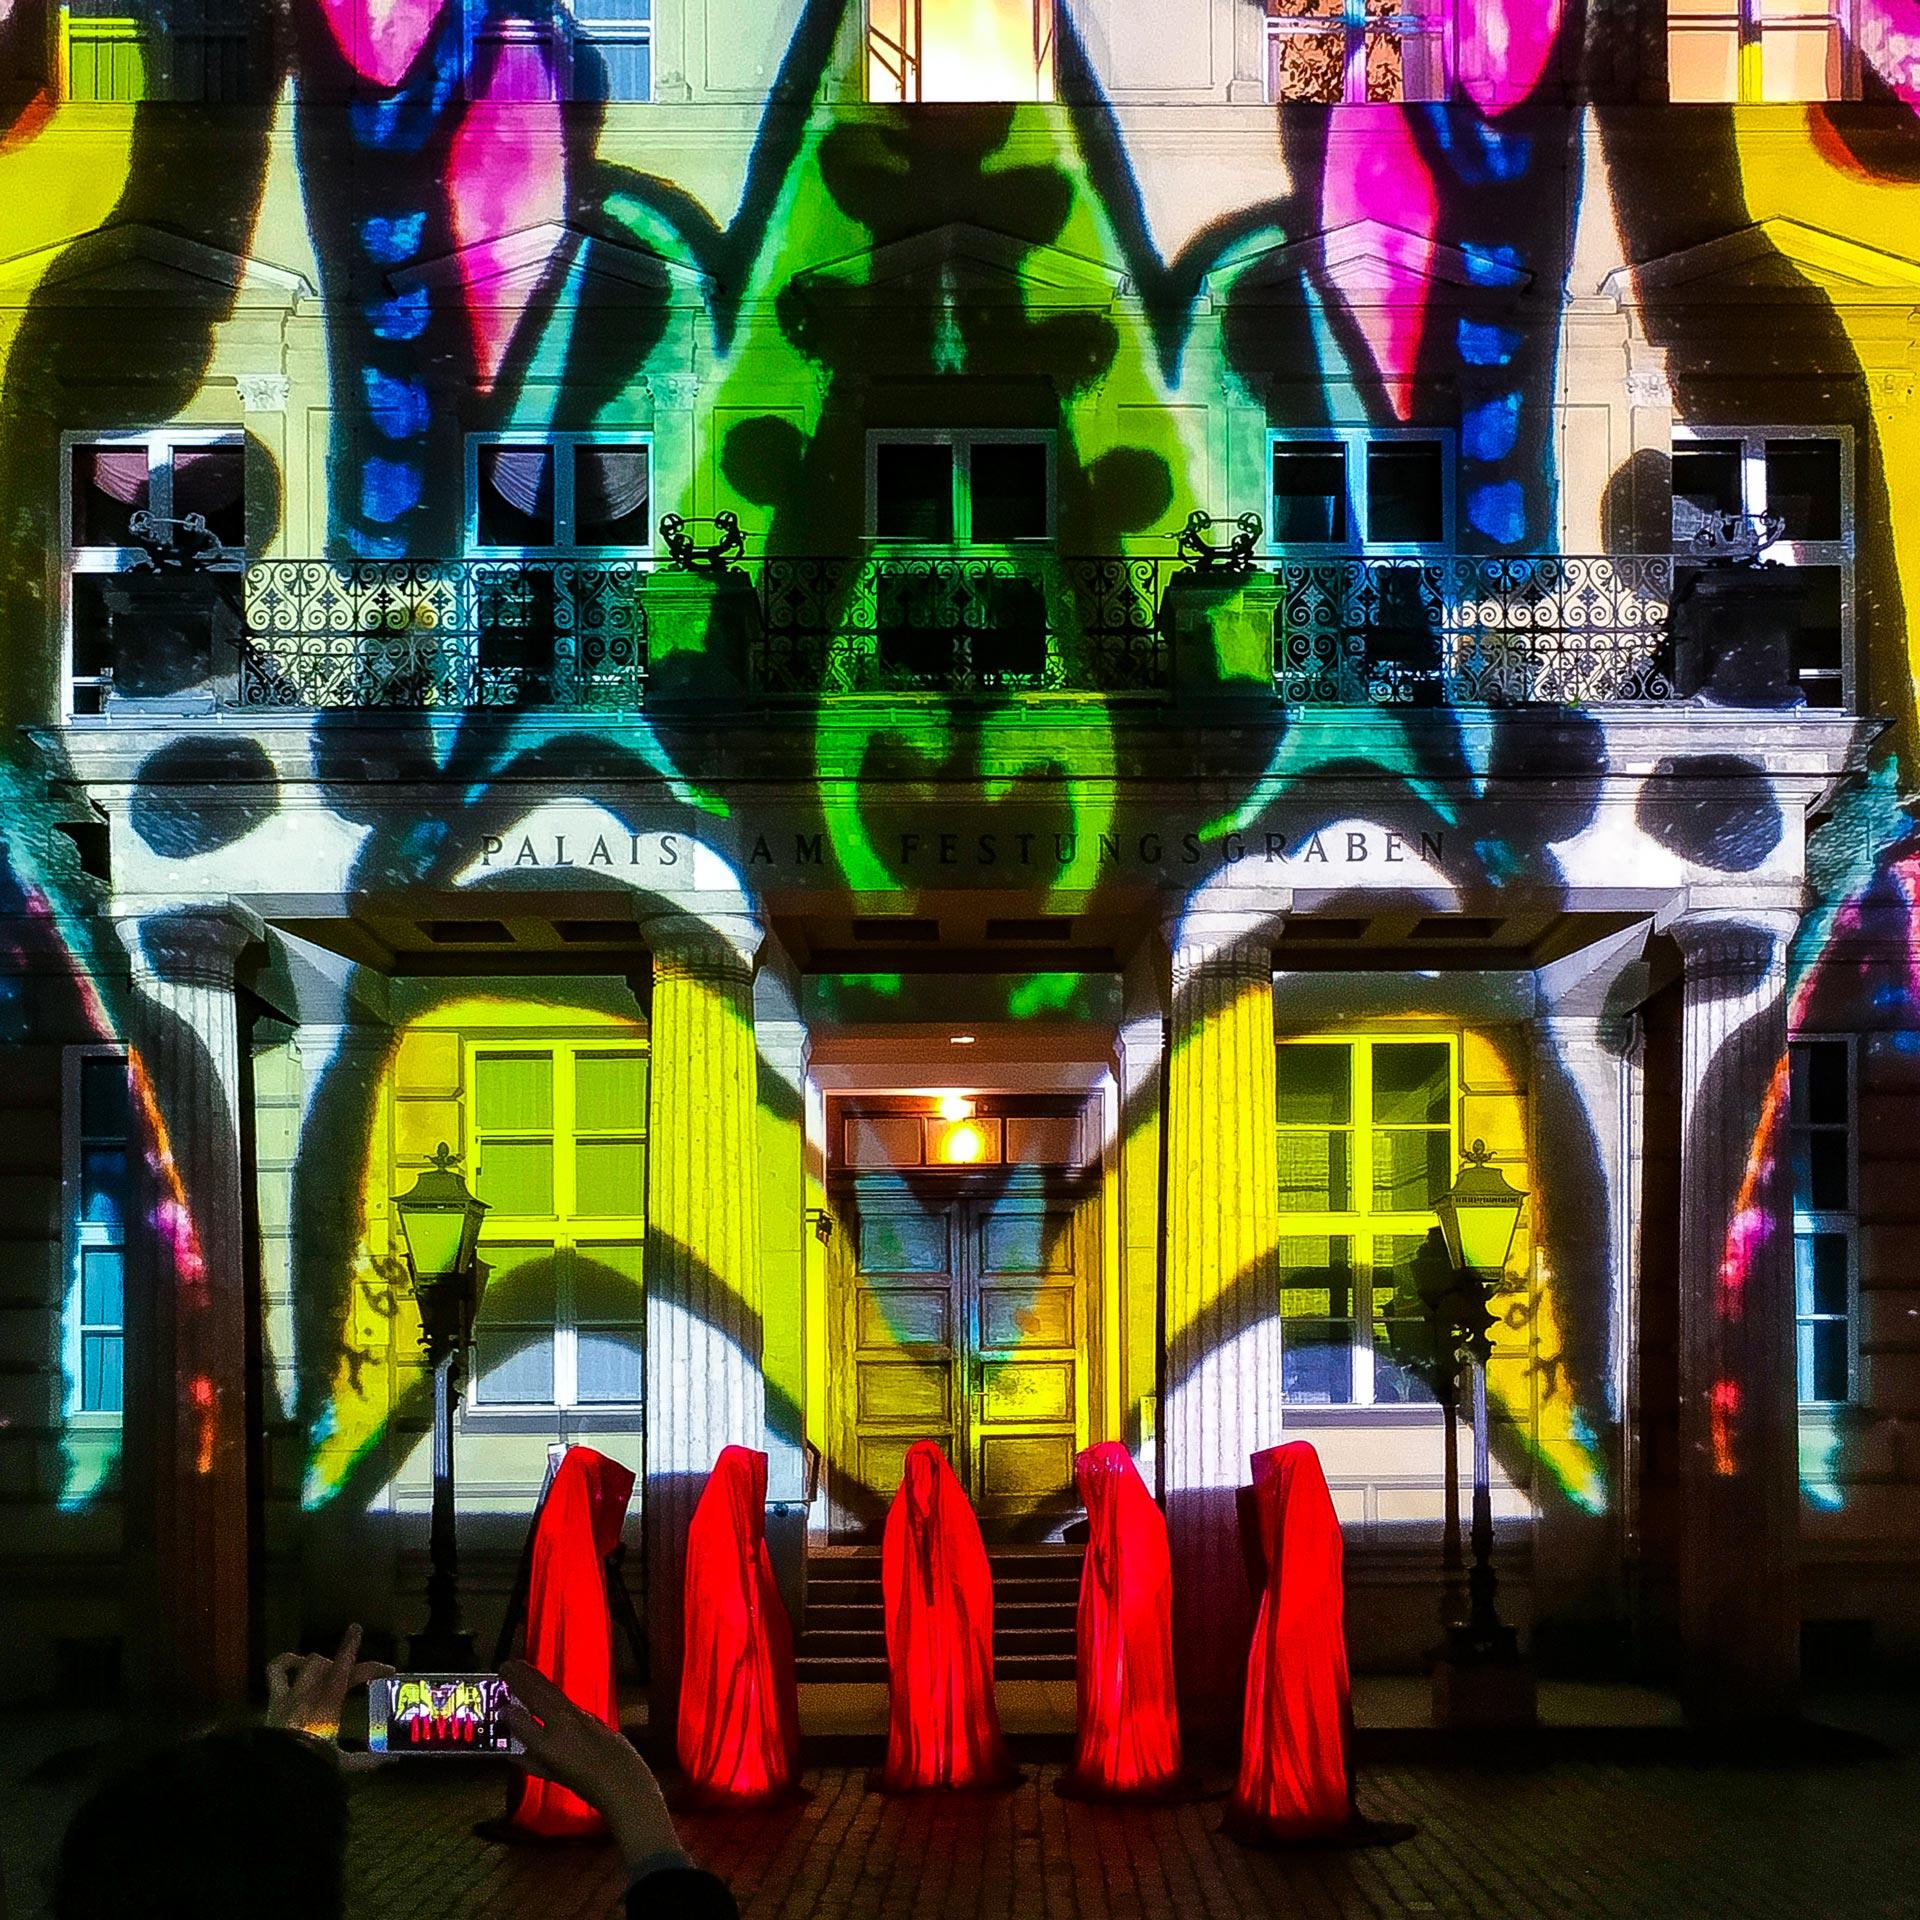 Festival of Lights 2017: Die Wächter am buntes Palais am Festungsgraben